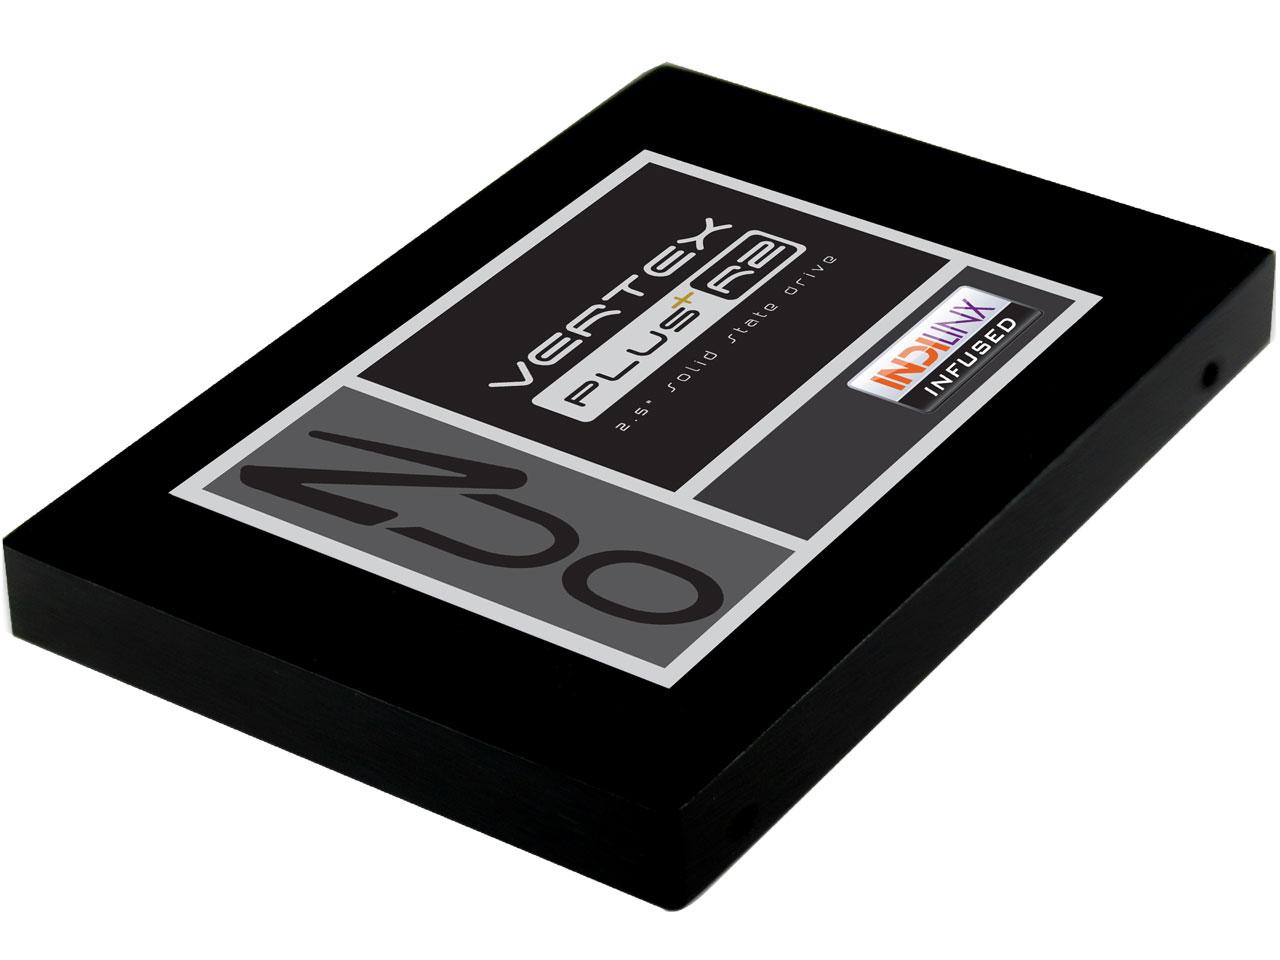 『本体 正面 斜め2』 VTXPLR2-25SAT2-120GB の製品画像